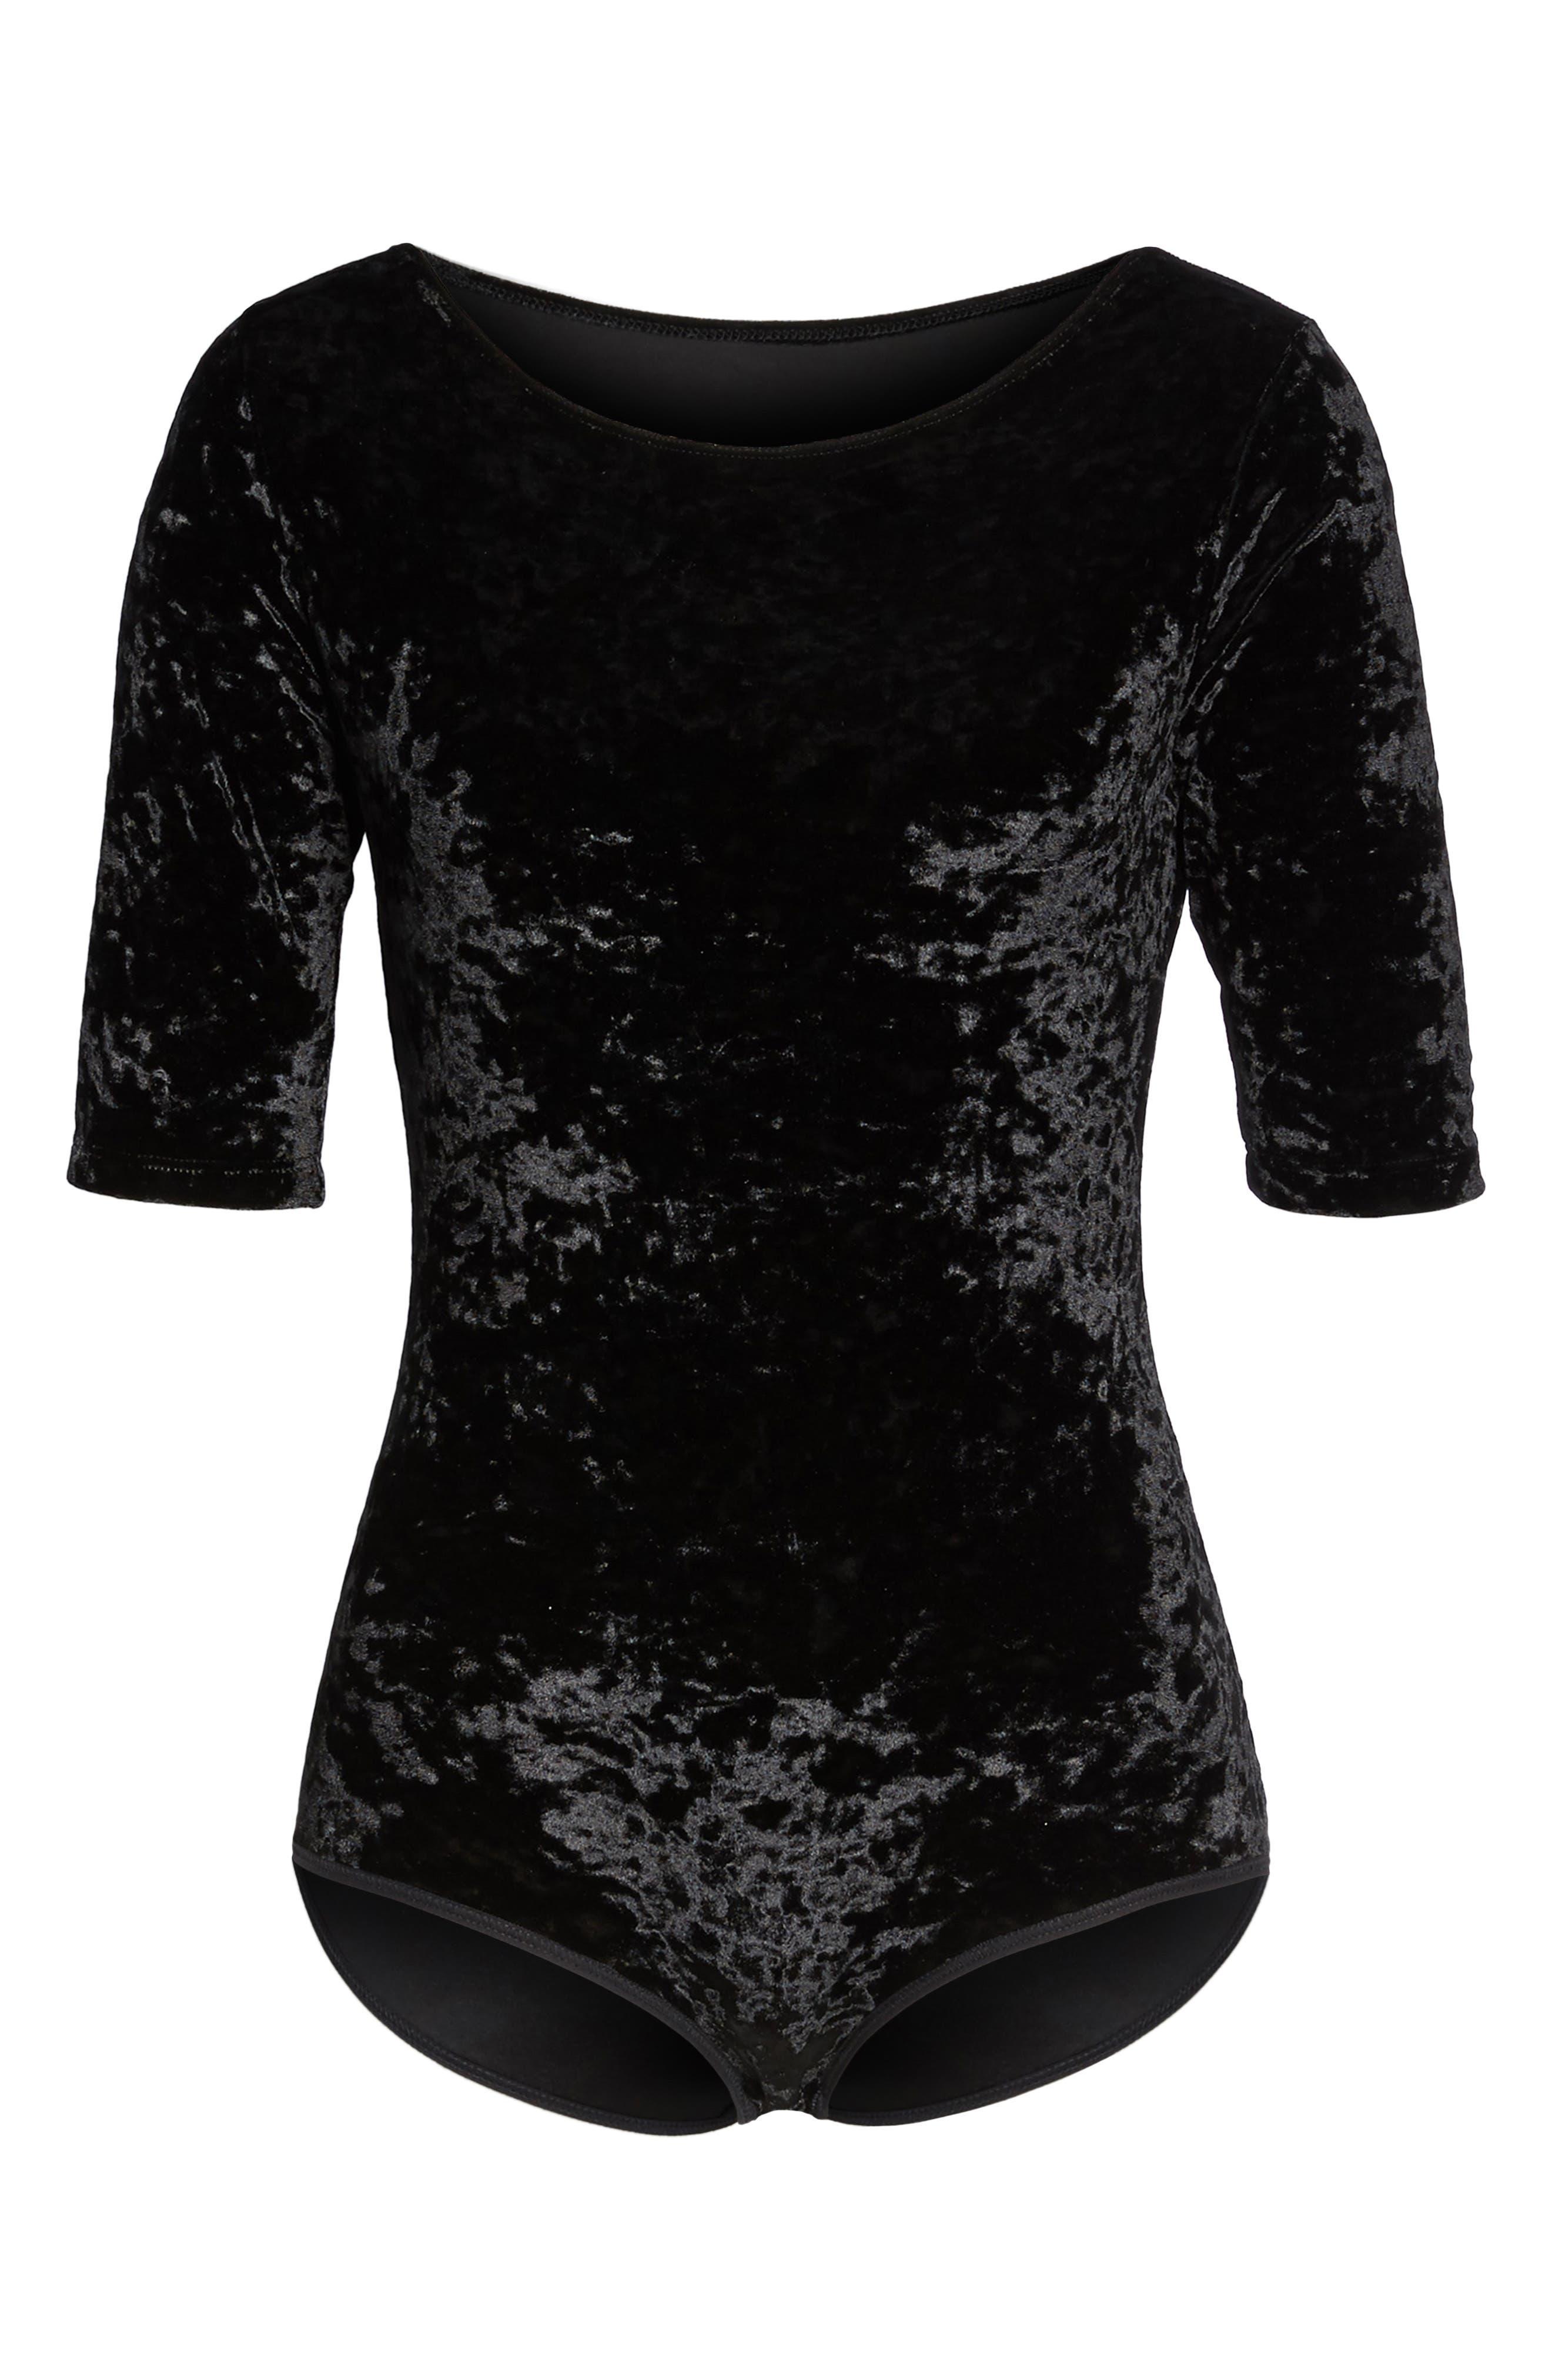 Panne Velvet Bodysuit,                             Alternate thumbnail 6, color,                             001